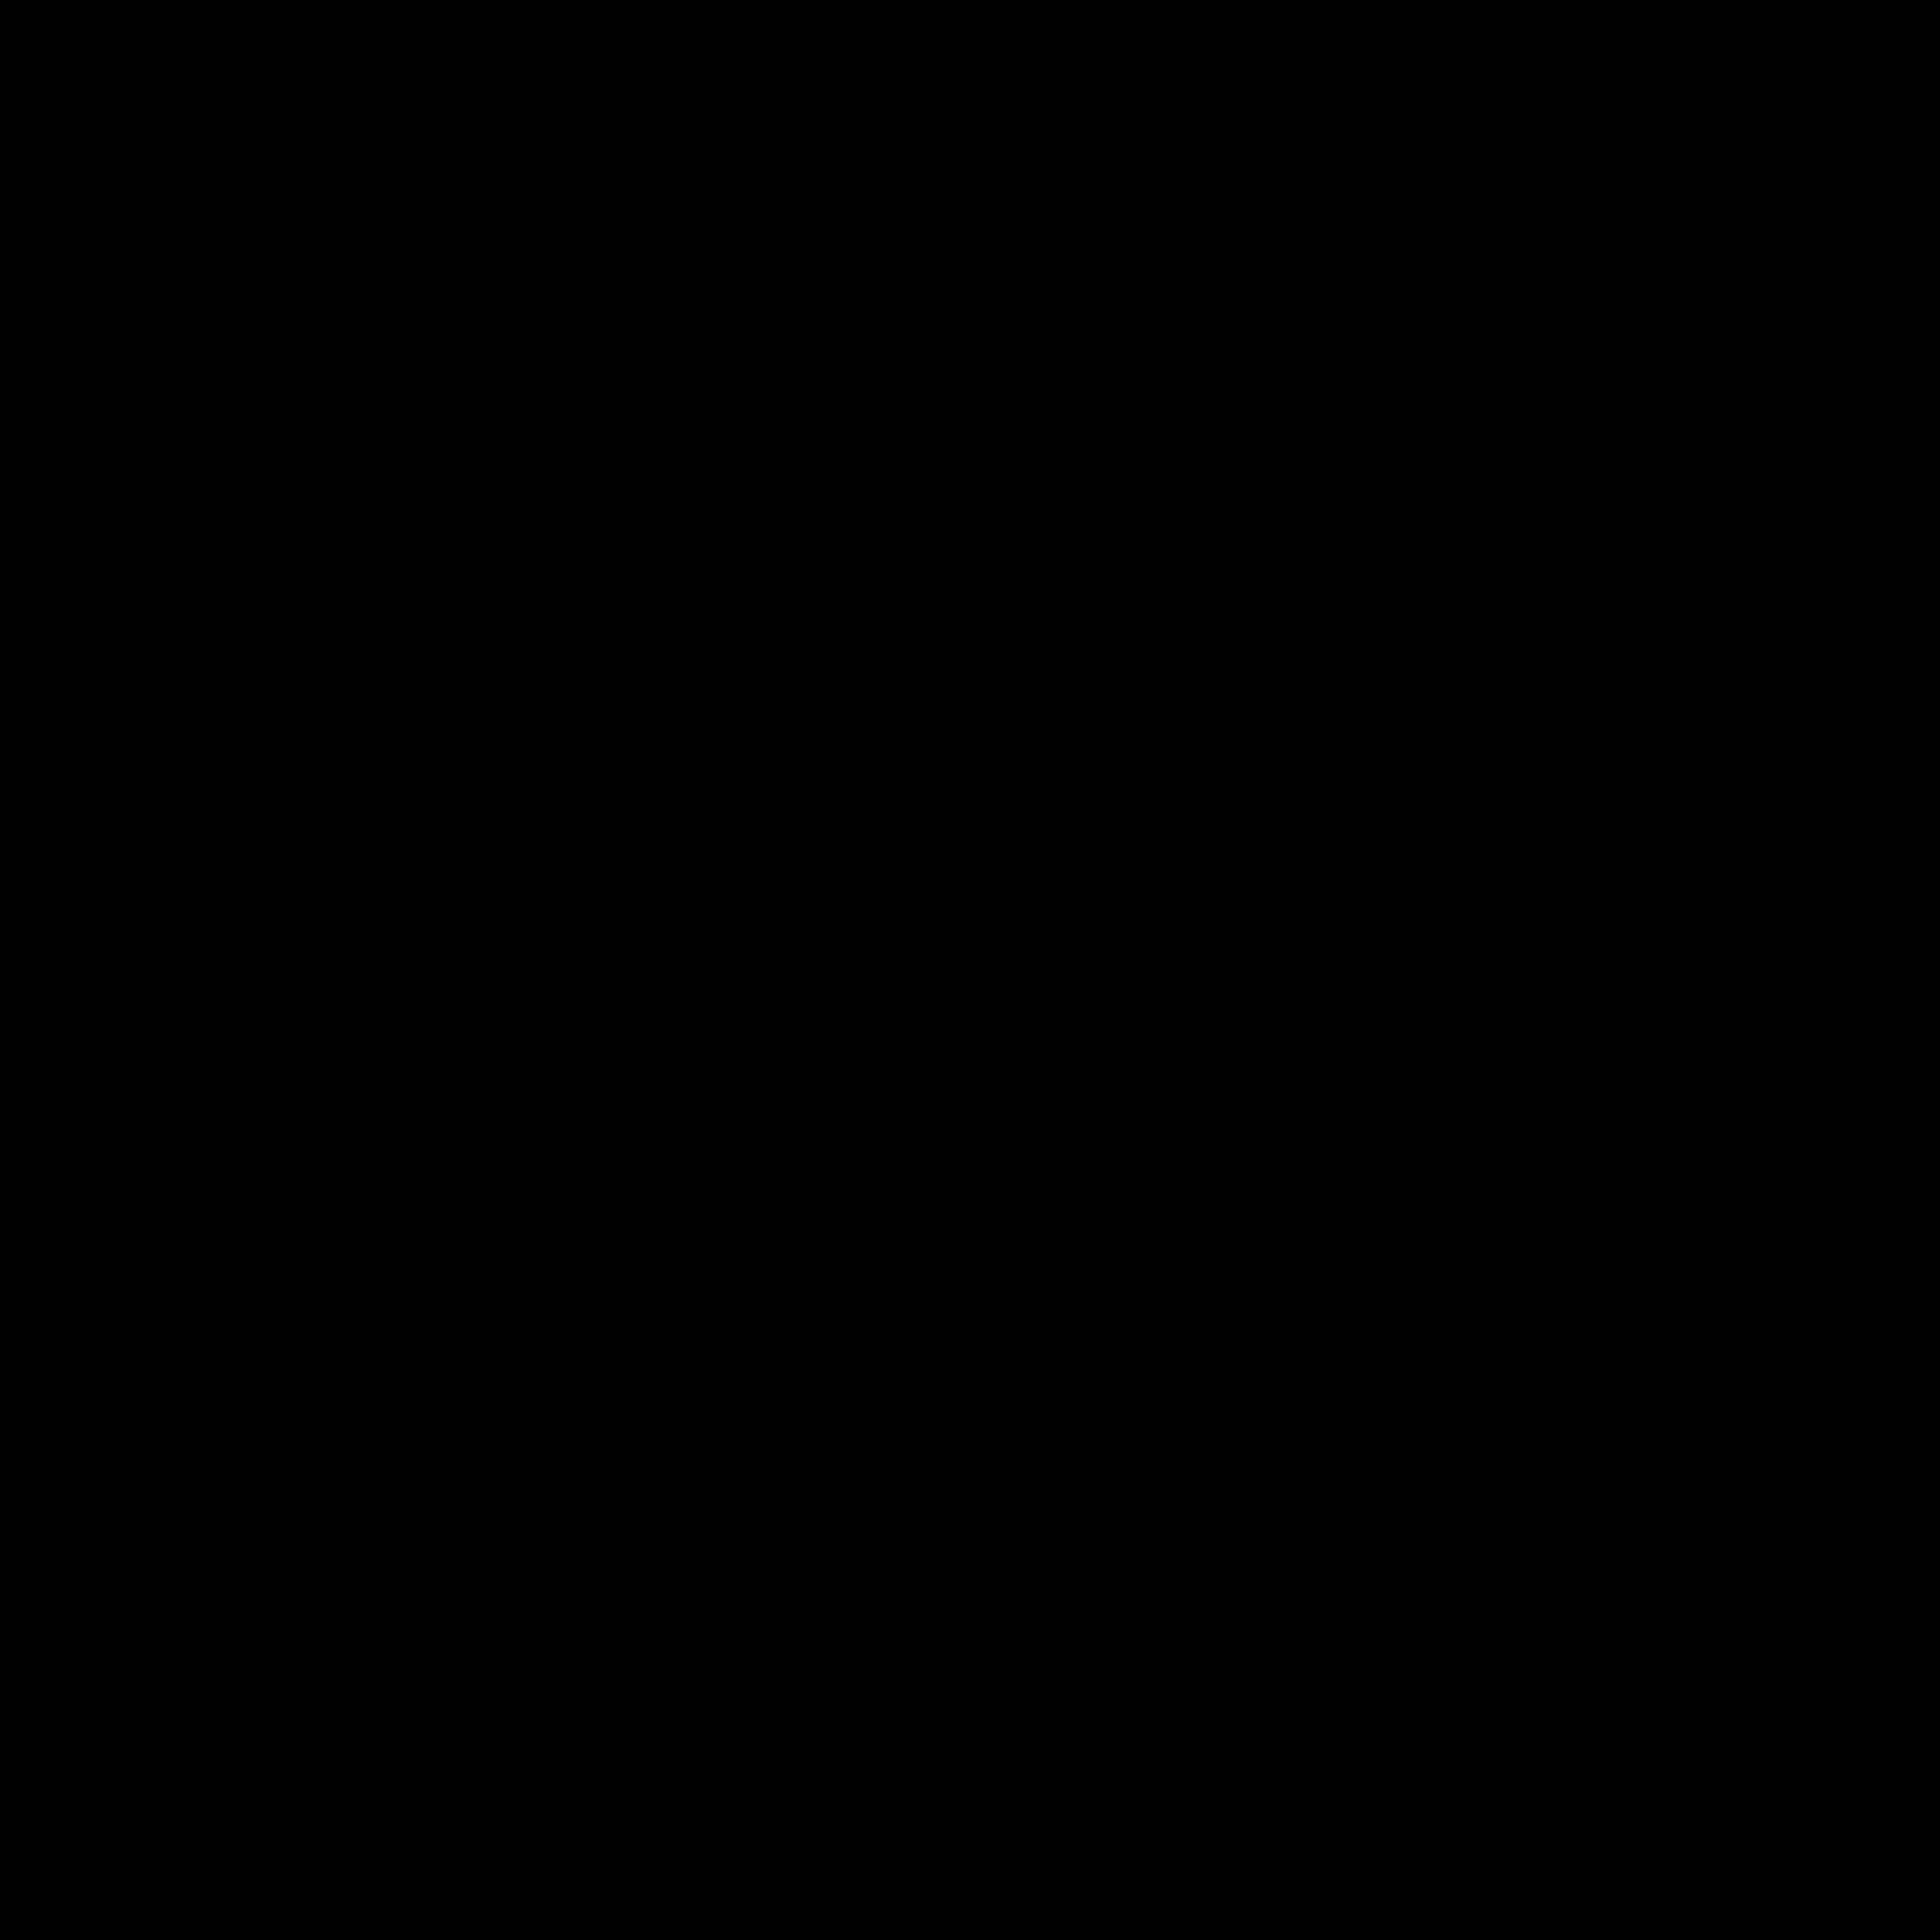 Guacamole Seducer